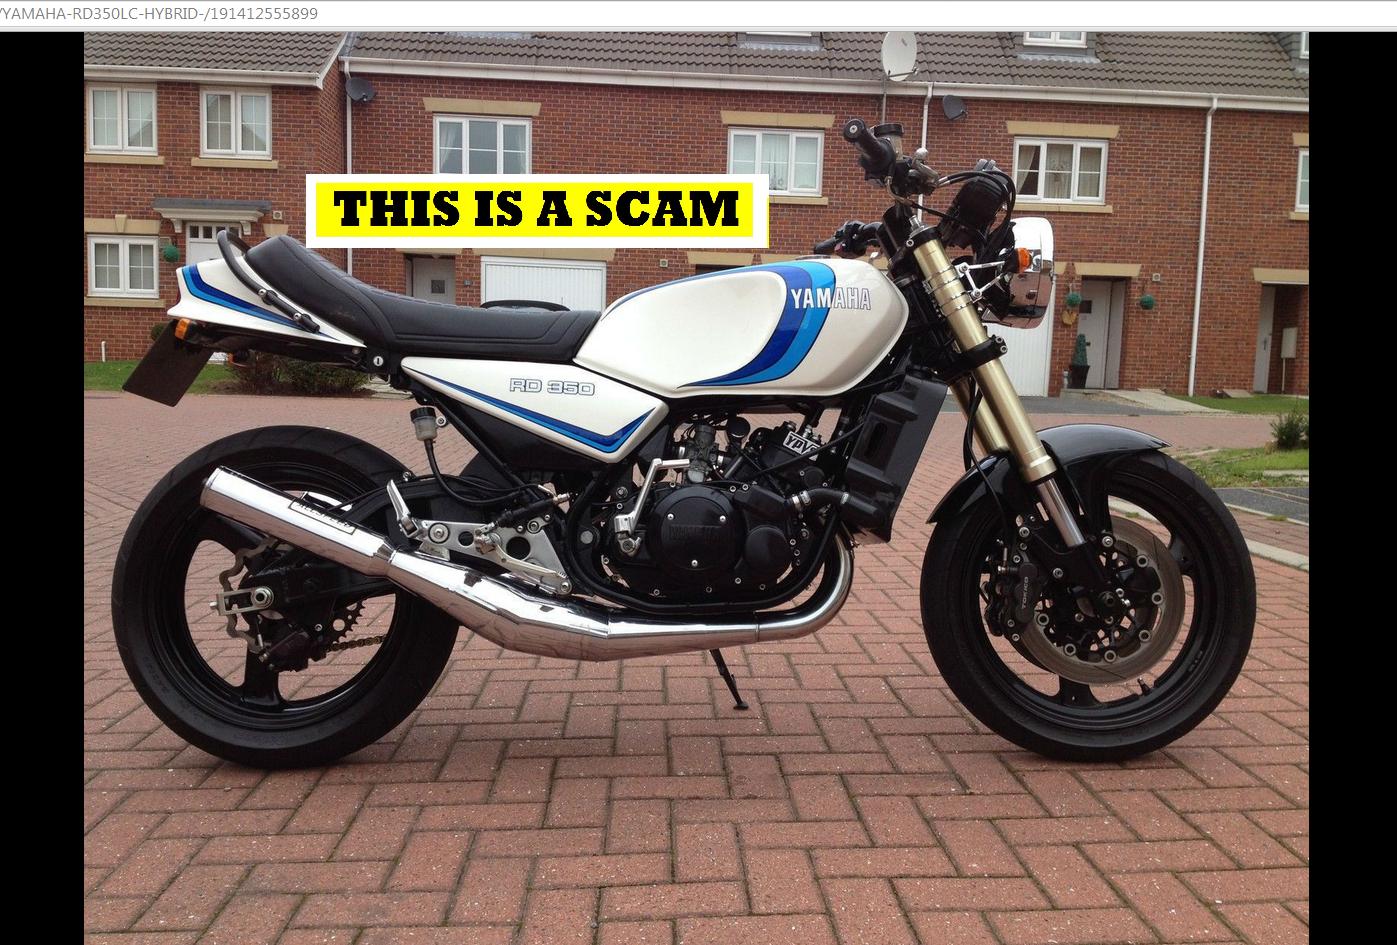 Jack Buster Jack Ebay Scam Yamaha Rd350lc Hybrid Motorbike Ugj954w Fraud Ugj 954w Ebay Motors Dealer Hack 13 Nov 14